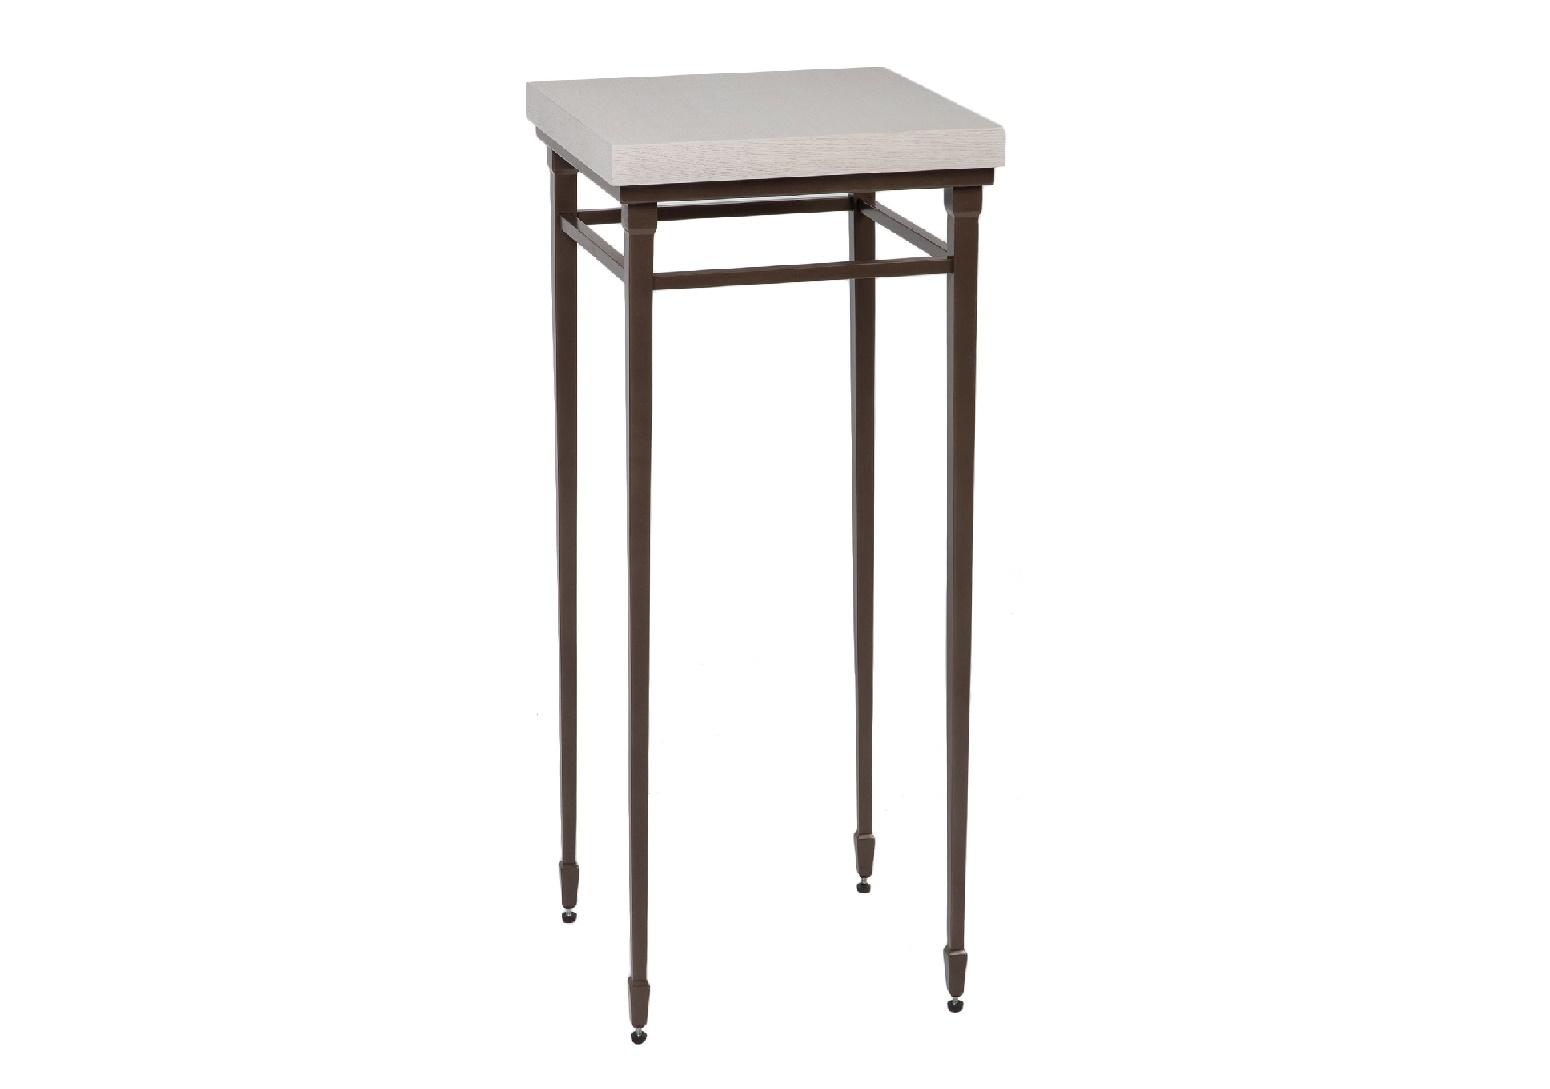 Консоль Gothic pedestal tableИнтерьерные консоли<br>Изысканный и строгий пьедестал &amp;quot;Gothic Pedestal Table&amp;quot; поможет вам с легкостью акцентировать внимание гостей на дорогой для вас вещи. Он и сам будет смотреться под стать ей. Элегантные металлические ножки темной гаммы (они вдохновлены готическими шпилями) и светлая столешница очаруют своим контрастом. Великолепный силуэт консоли улучшит облик всего, чтобы на ней ни находилось.&amp;amp;nbsp;&amp;amp;nbsp;&amp;lt;div&amp;gt;&amp;lt;br&amp;gt;&amp;lt;/div&amp;gt;&amp;lt;div&amp;gt;Отделка: дерево/металл.&amp;lt;/div&amp;gt;<br><br>Material: Дерево<br>Length см: None<br>Width см: 40<br>Depth см: 40<br>Height см: 90